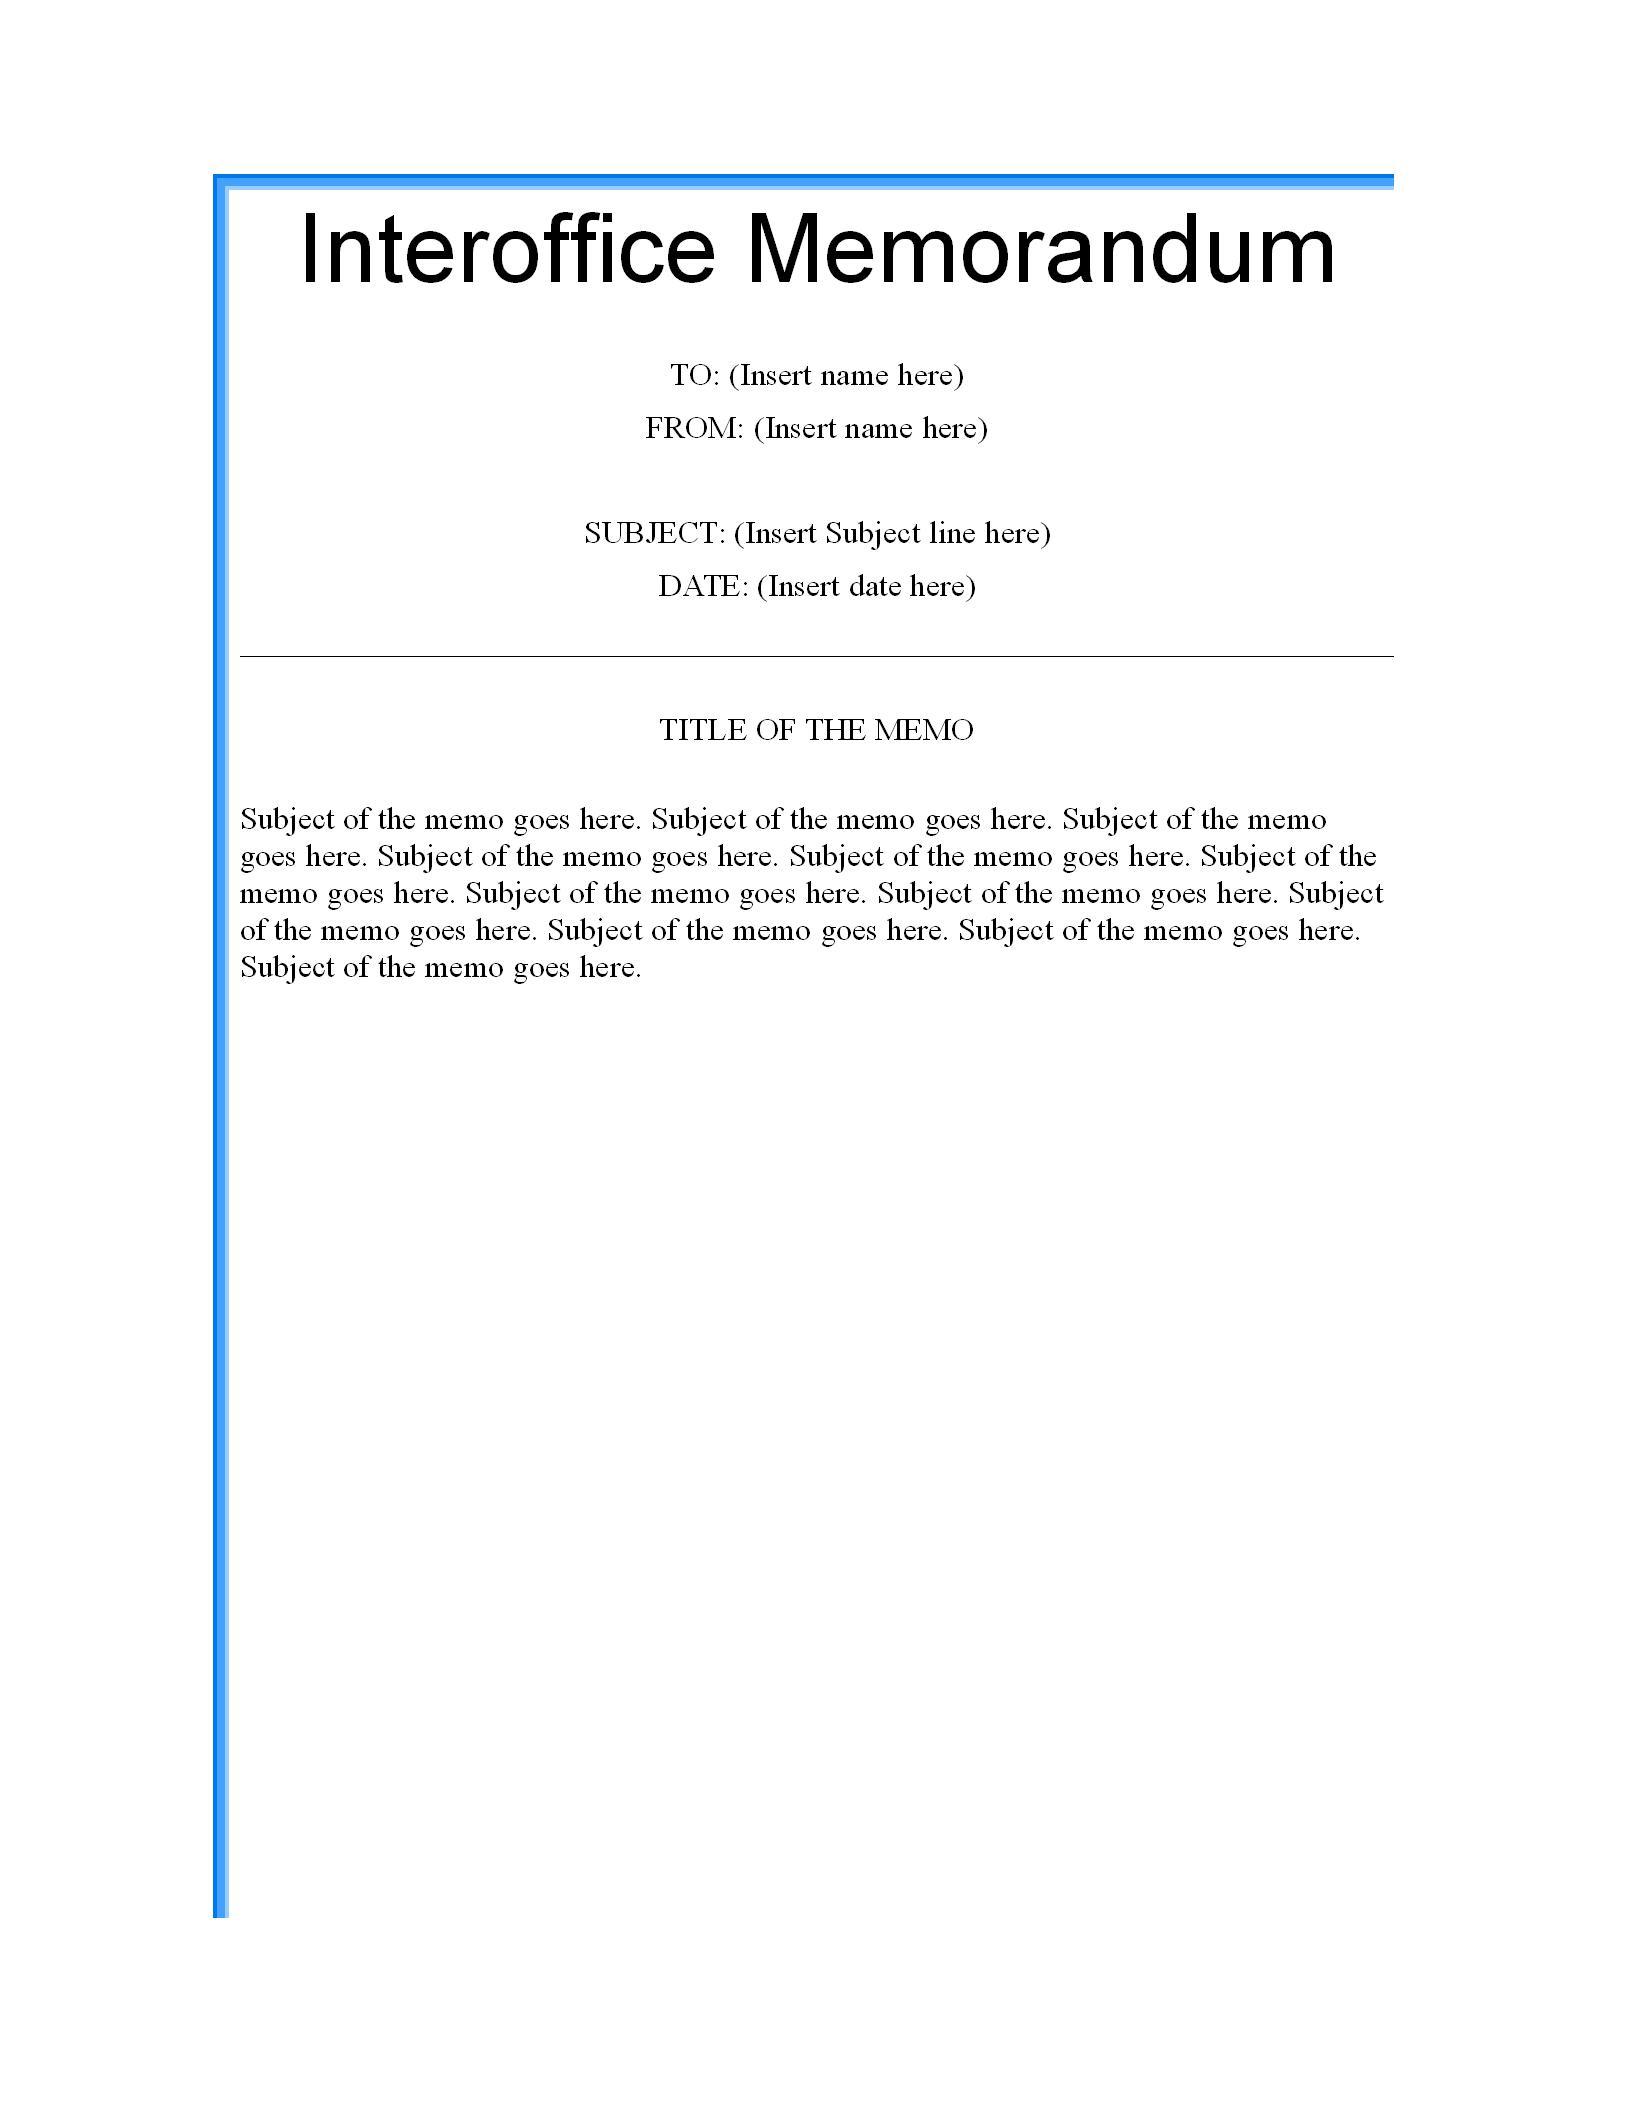 Memorandum Format Template from d4z1onkegyrs5.cloudfront.net